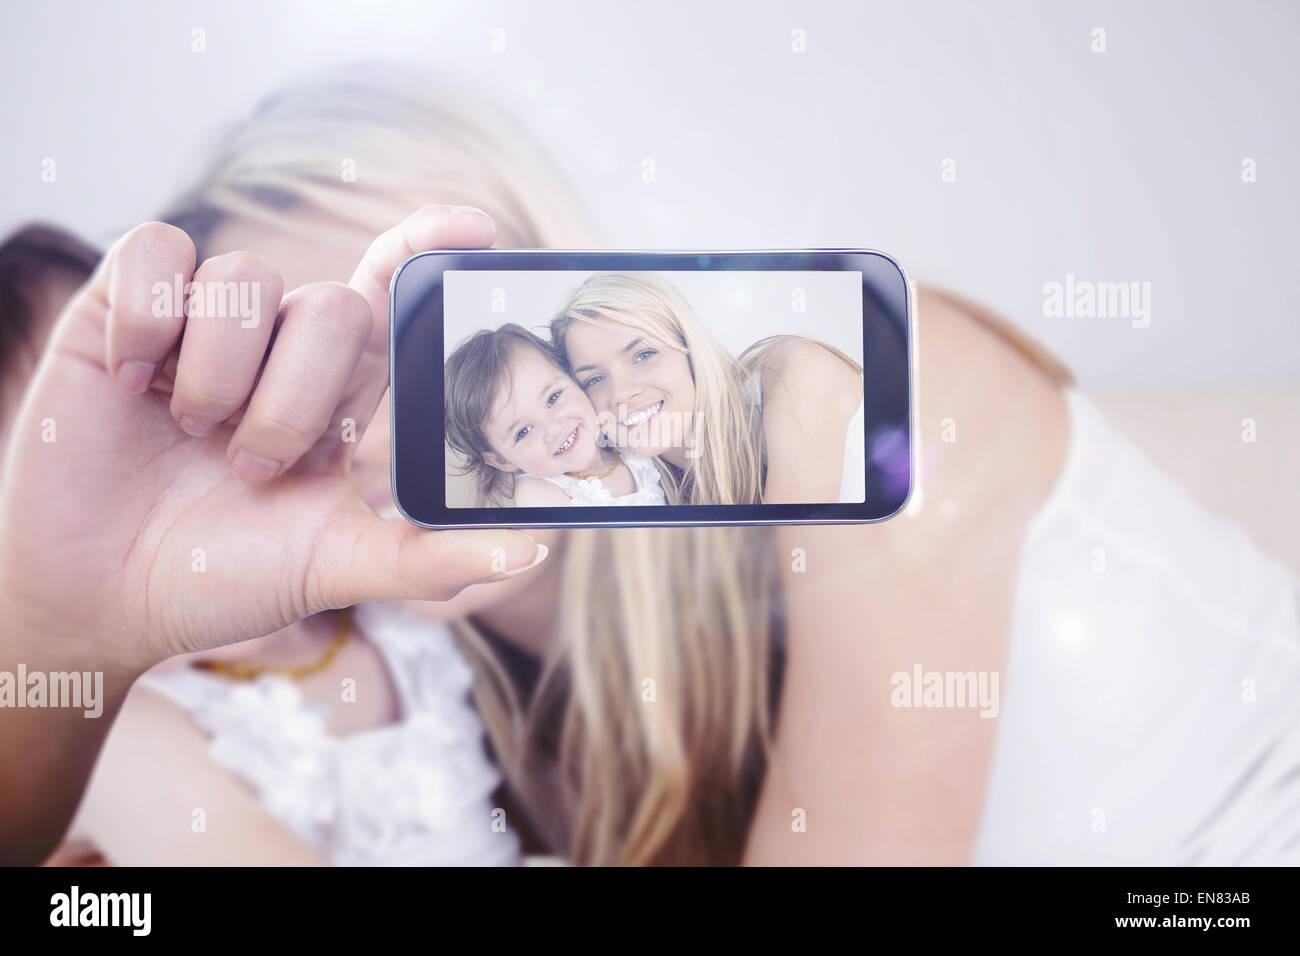 Zusammengesetztes Bild von Hand mit Smartphone anzeigen Stockbild